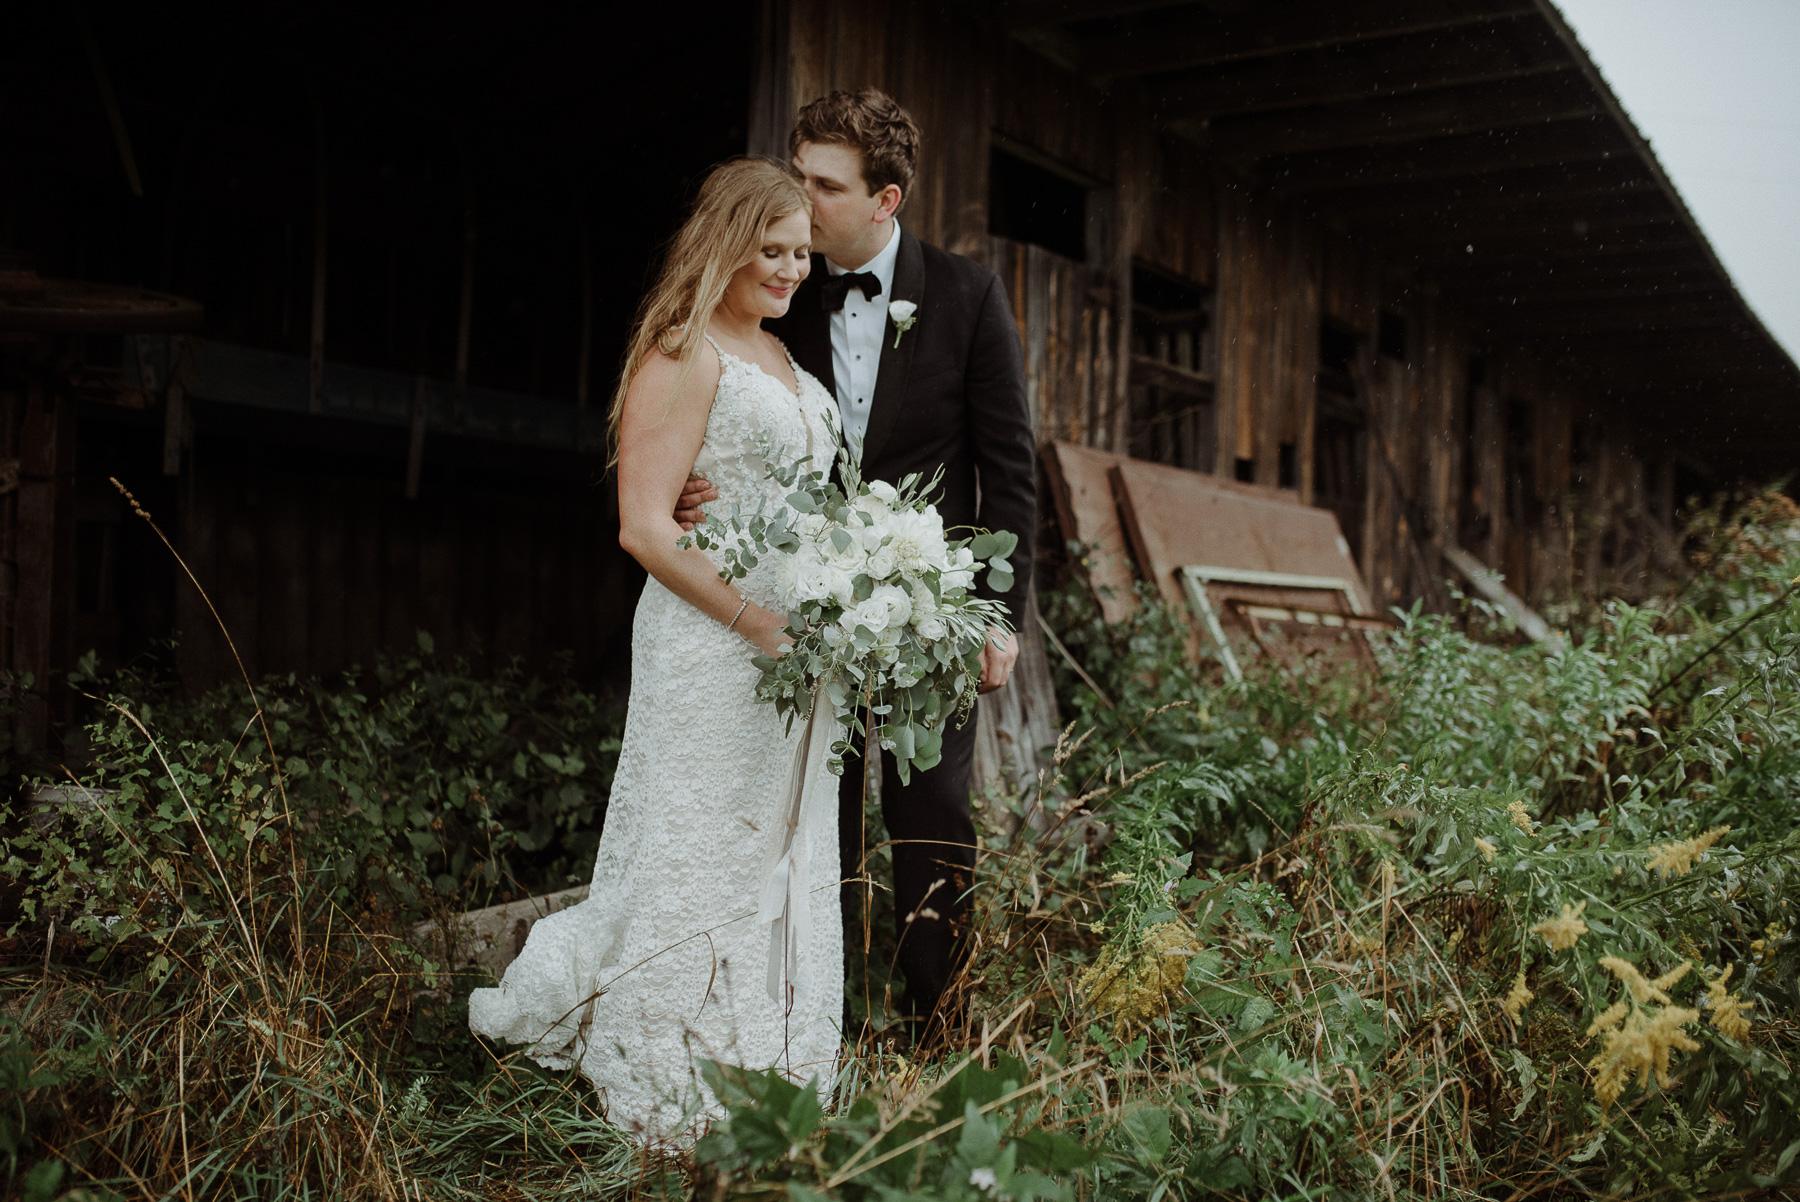 enowen-wedding-photography-overlook-barn-hurricane-wedding